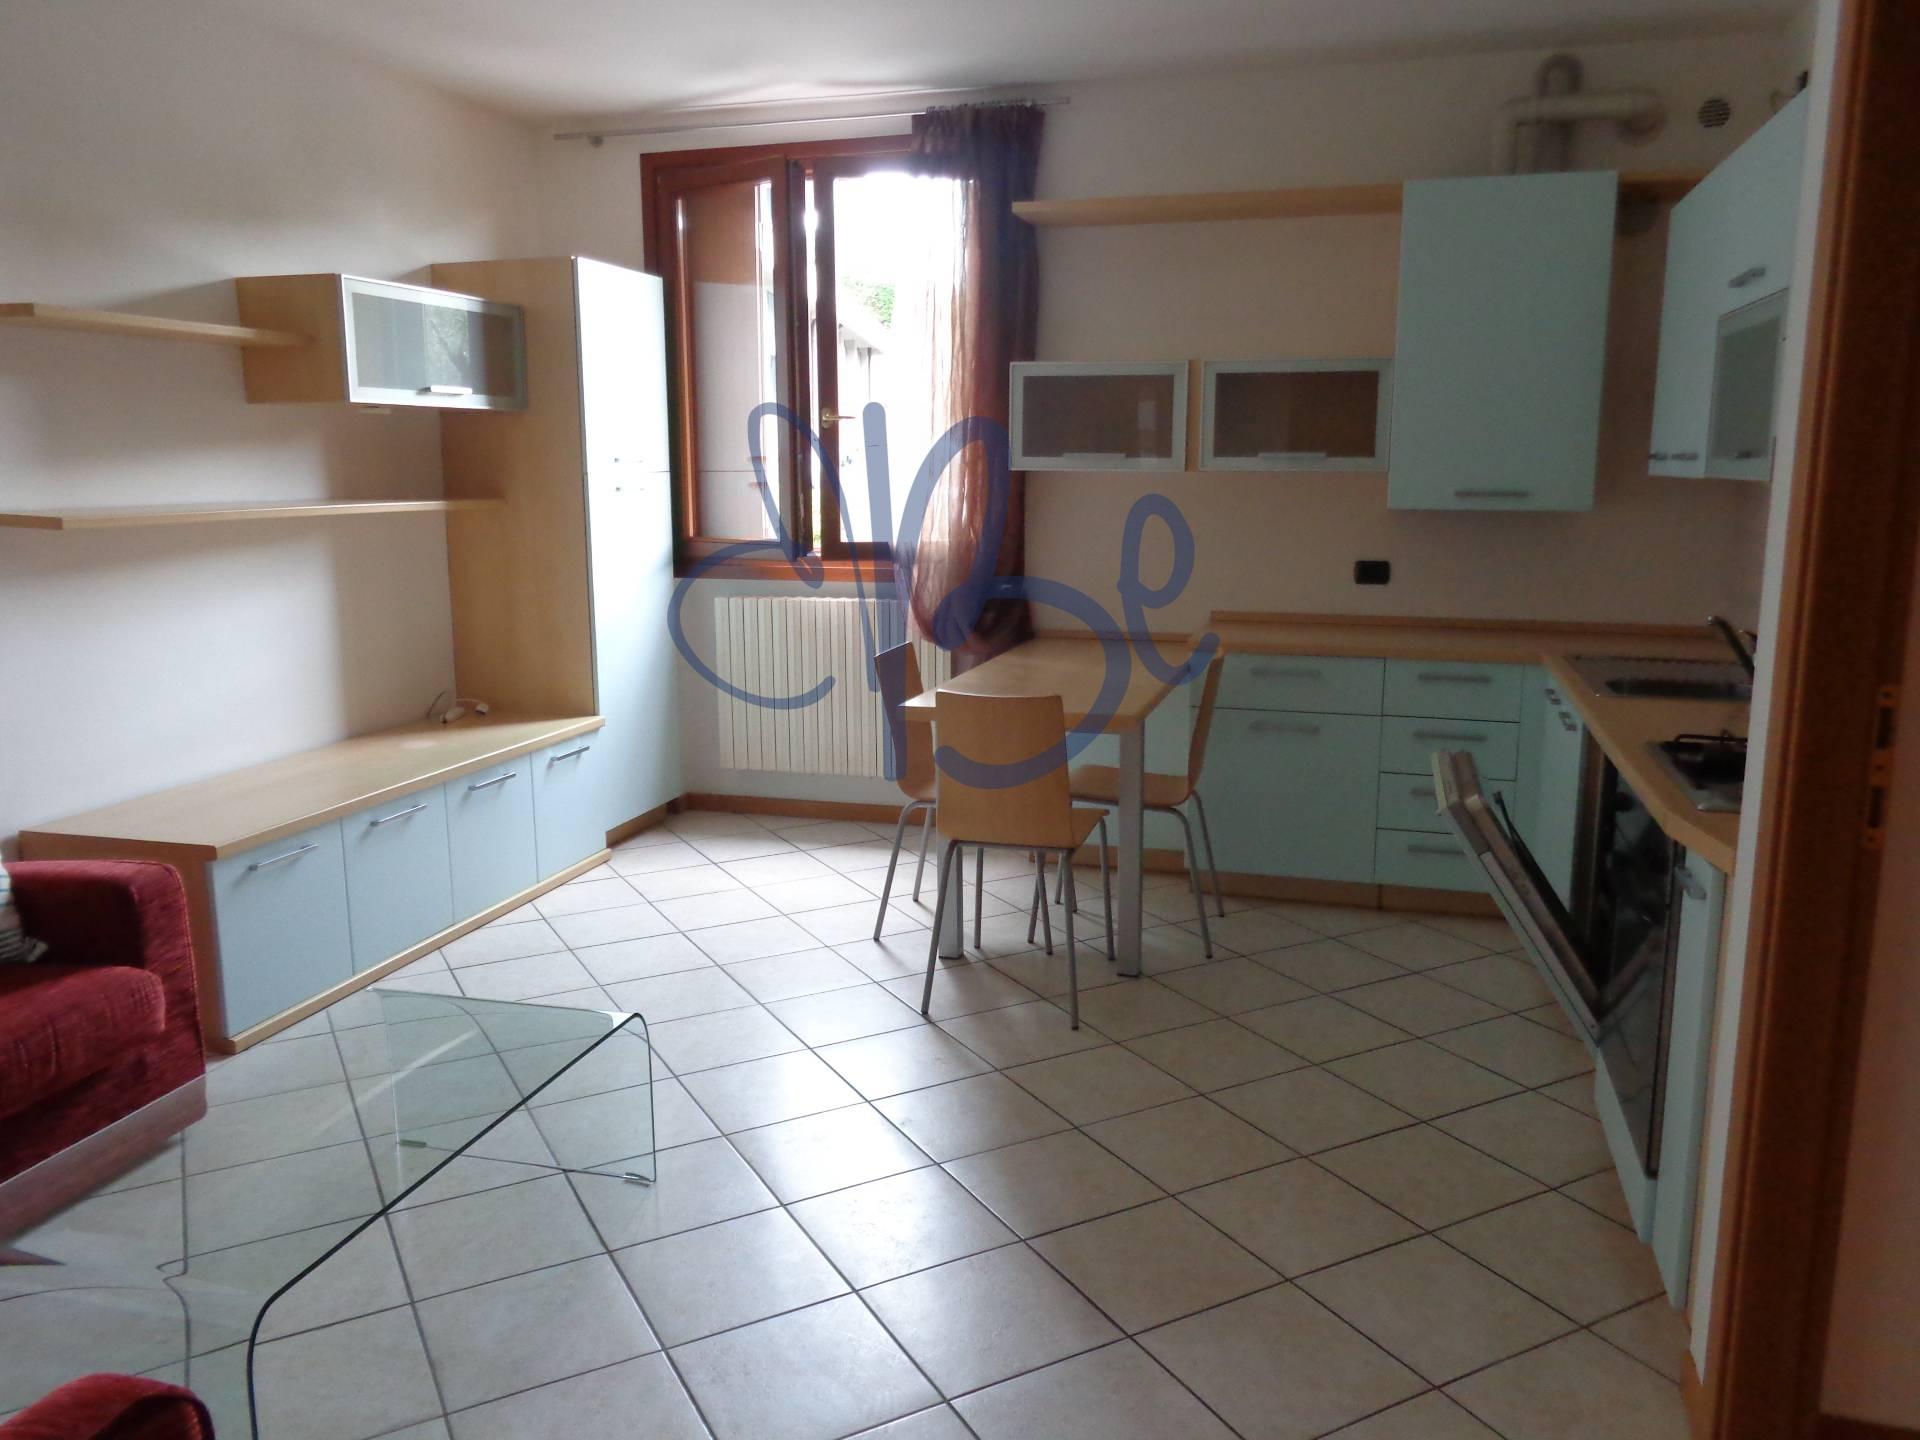 Appartamento in vendita a Salò, 2 locali, prezzo € 165.000 | Cambio Casa.it